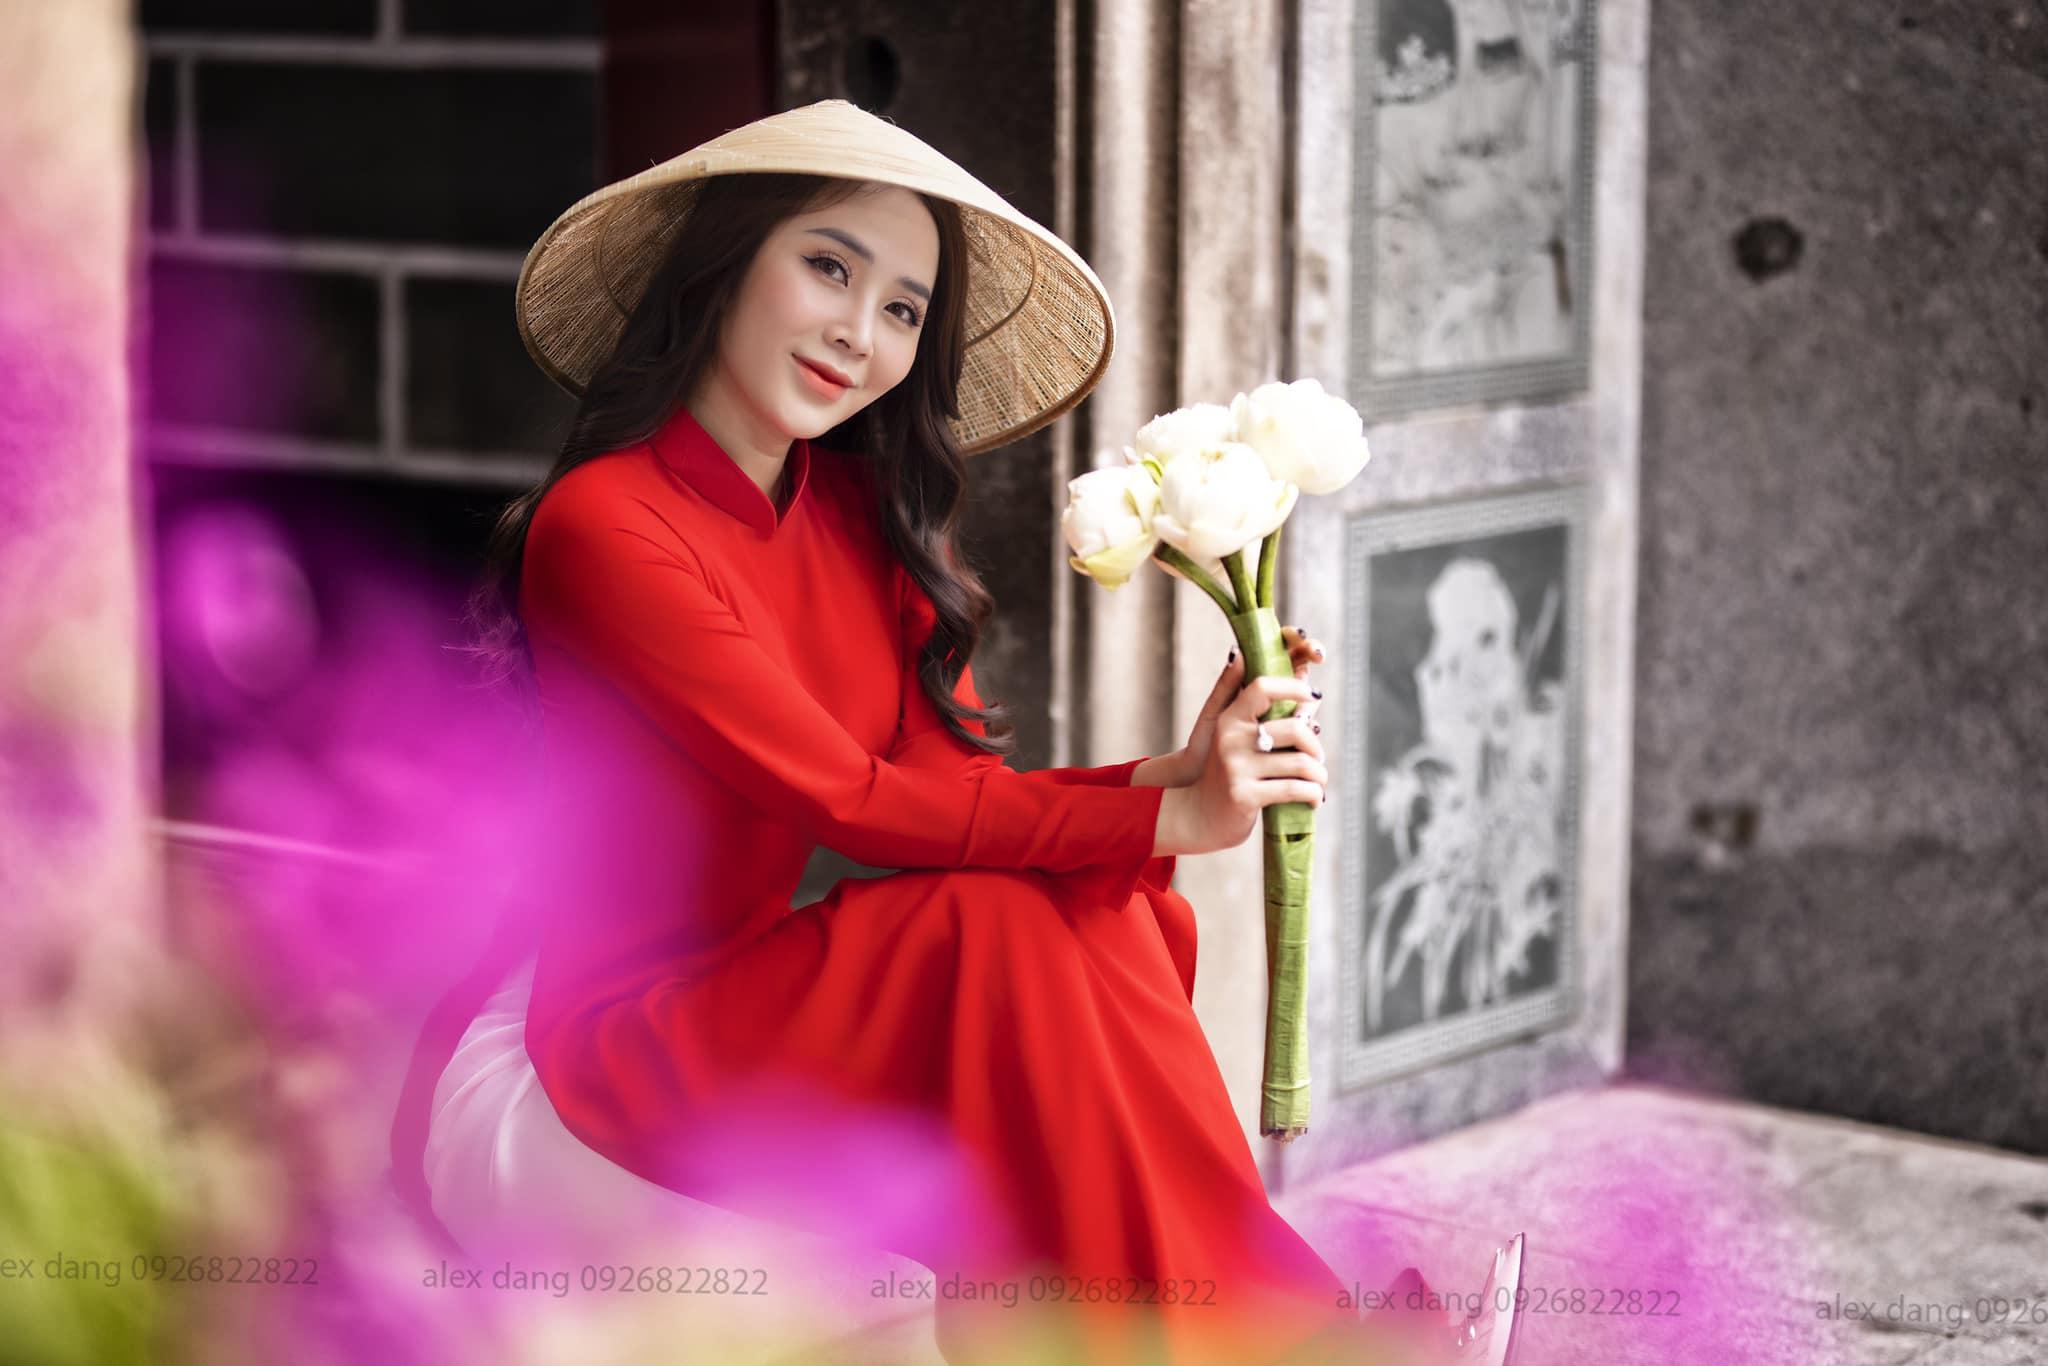 Ngắm hot girl Lục Anh xinh đẹp như hoa không sao tả xiết trong tà áo dài truyền thống - 2